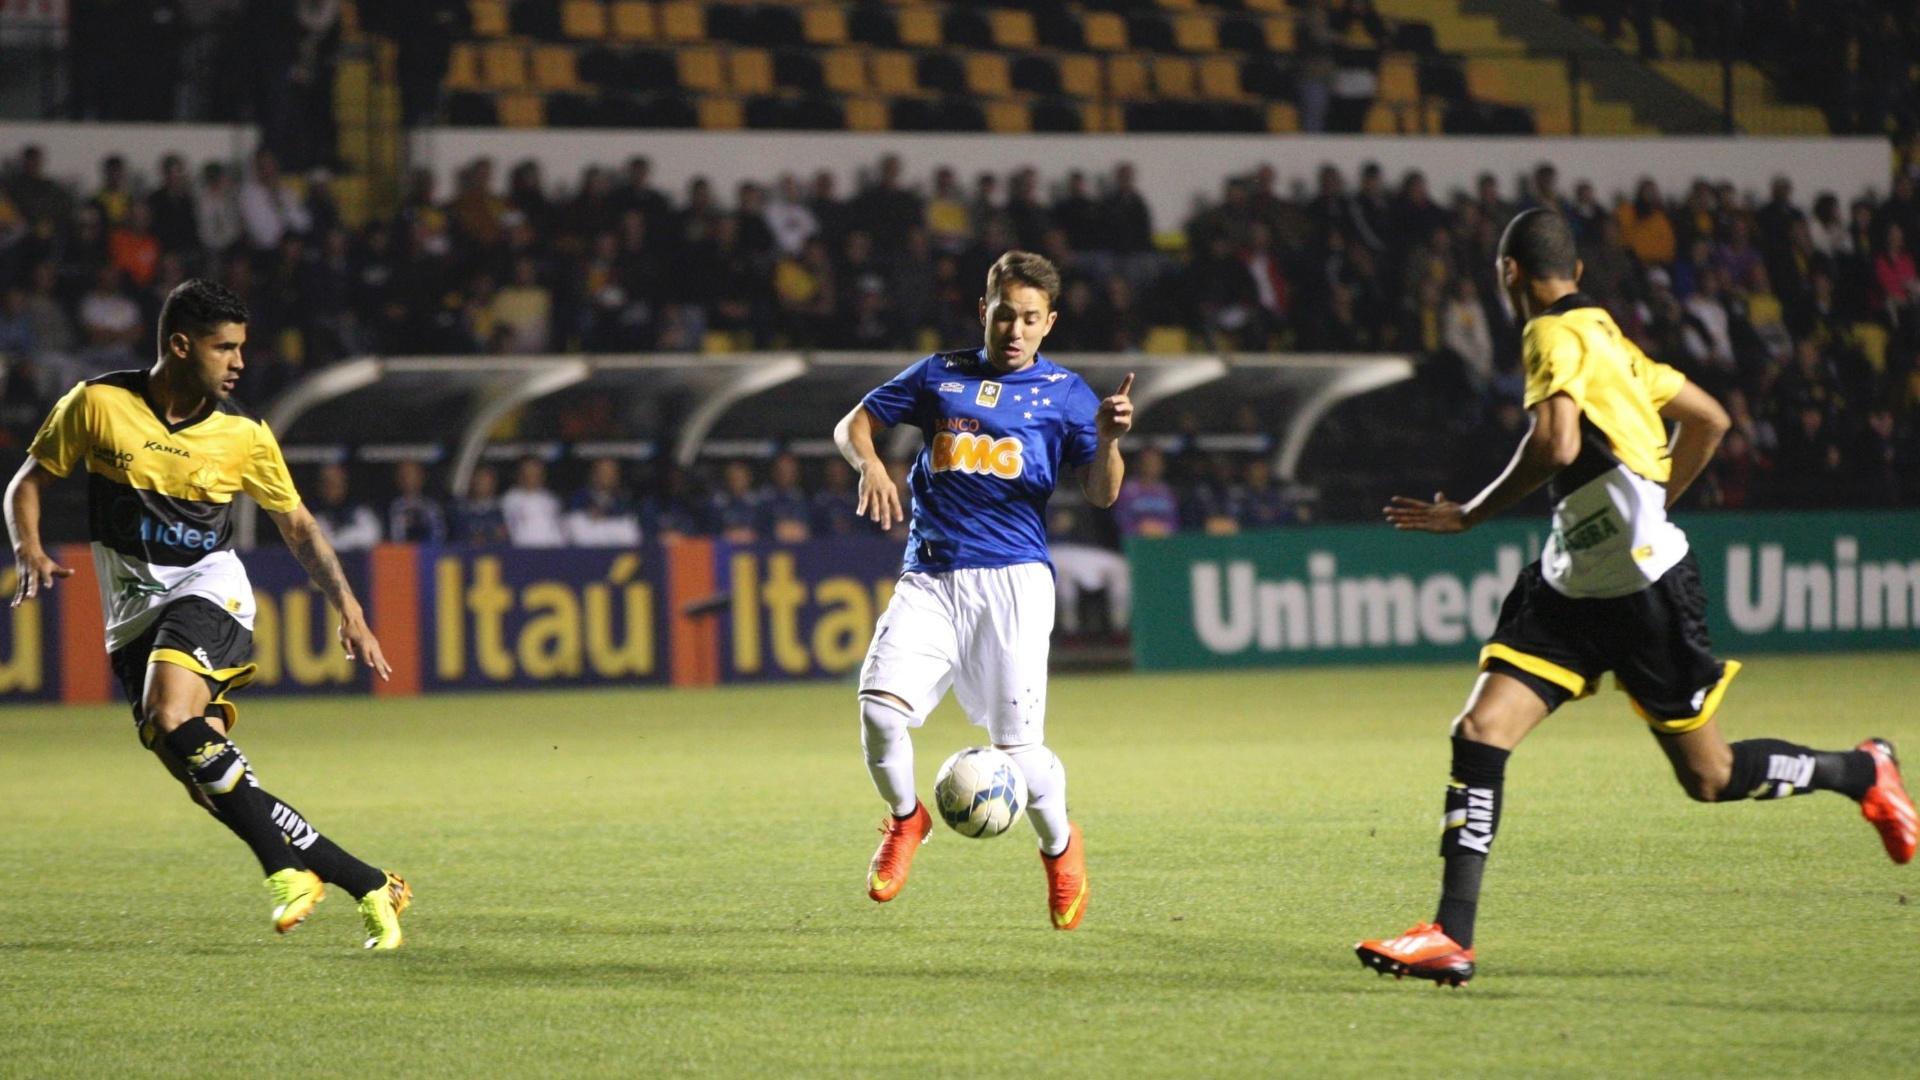 Everton Ribeiro tenta jogada durante o duelo do Cruzeiro contra o Criciúma em Santa Catarina